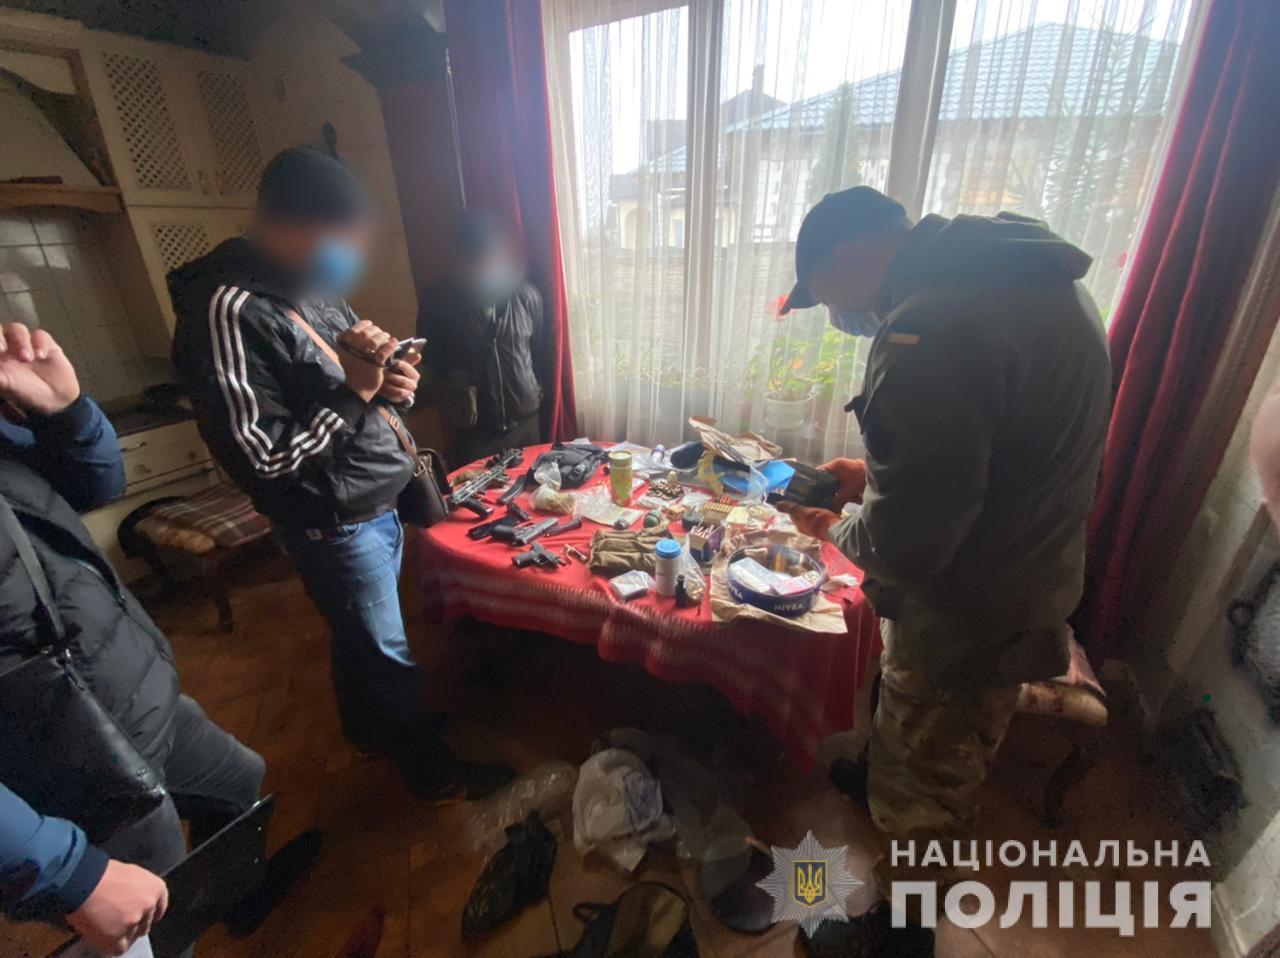 Житель Харьковщины хранил в квартире коктейли Молотова, пулеметы и гранаты (фото)